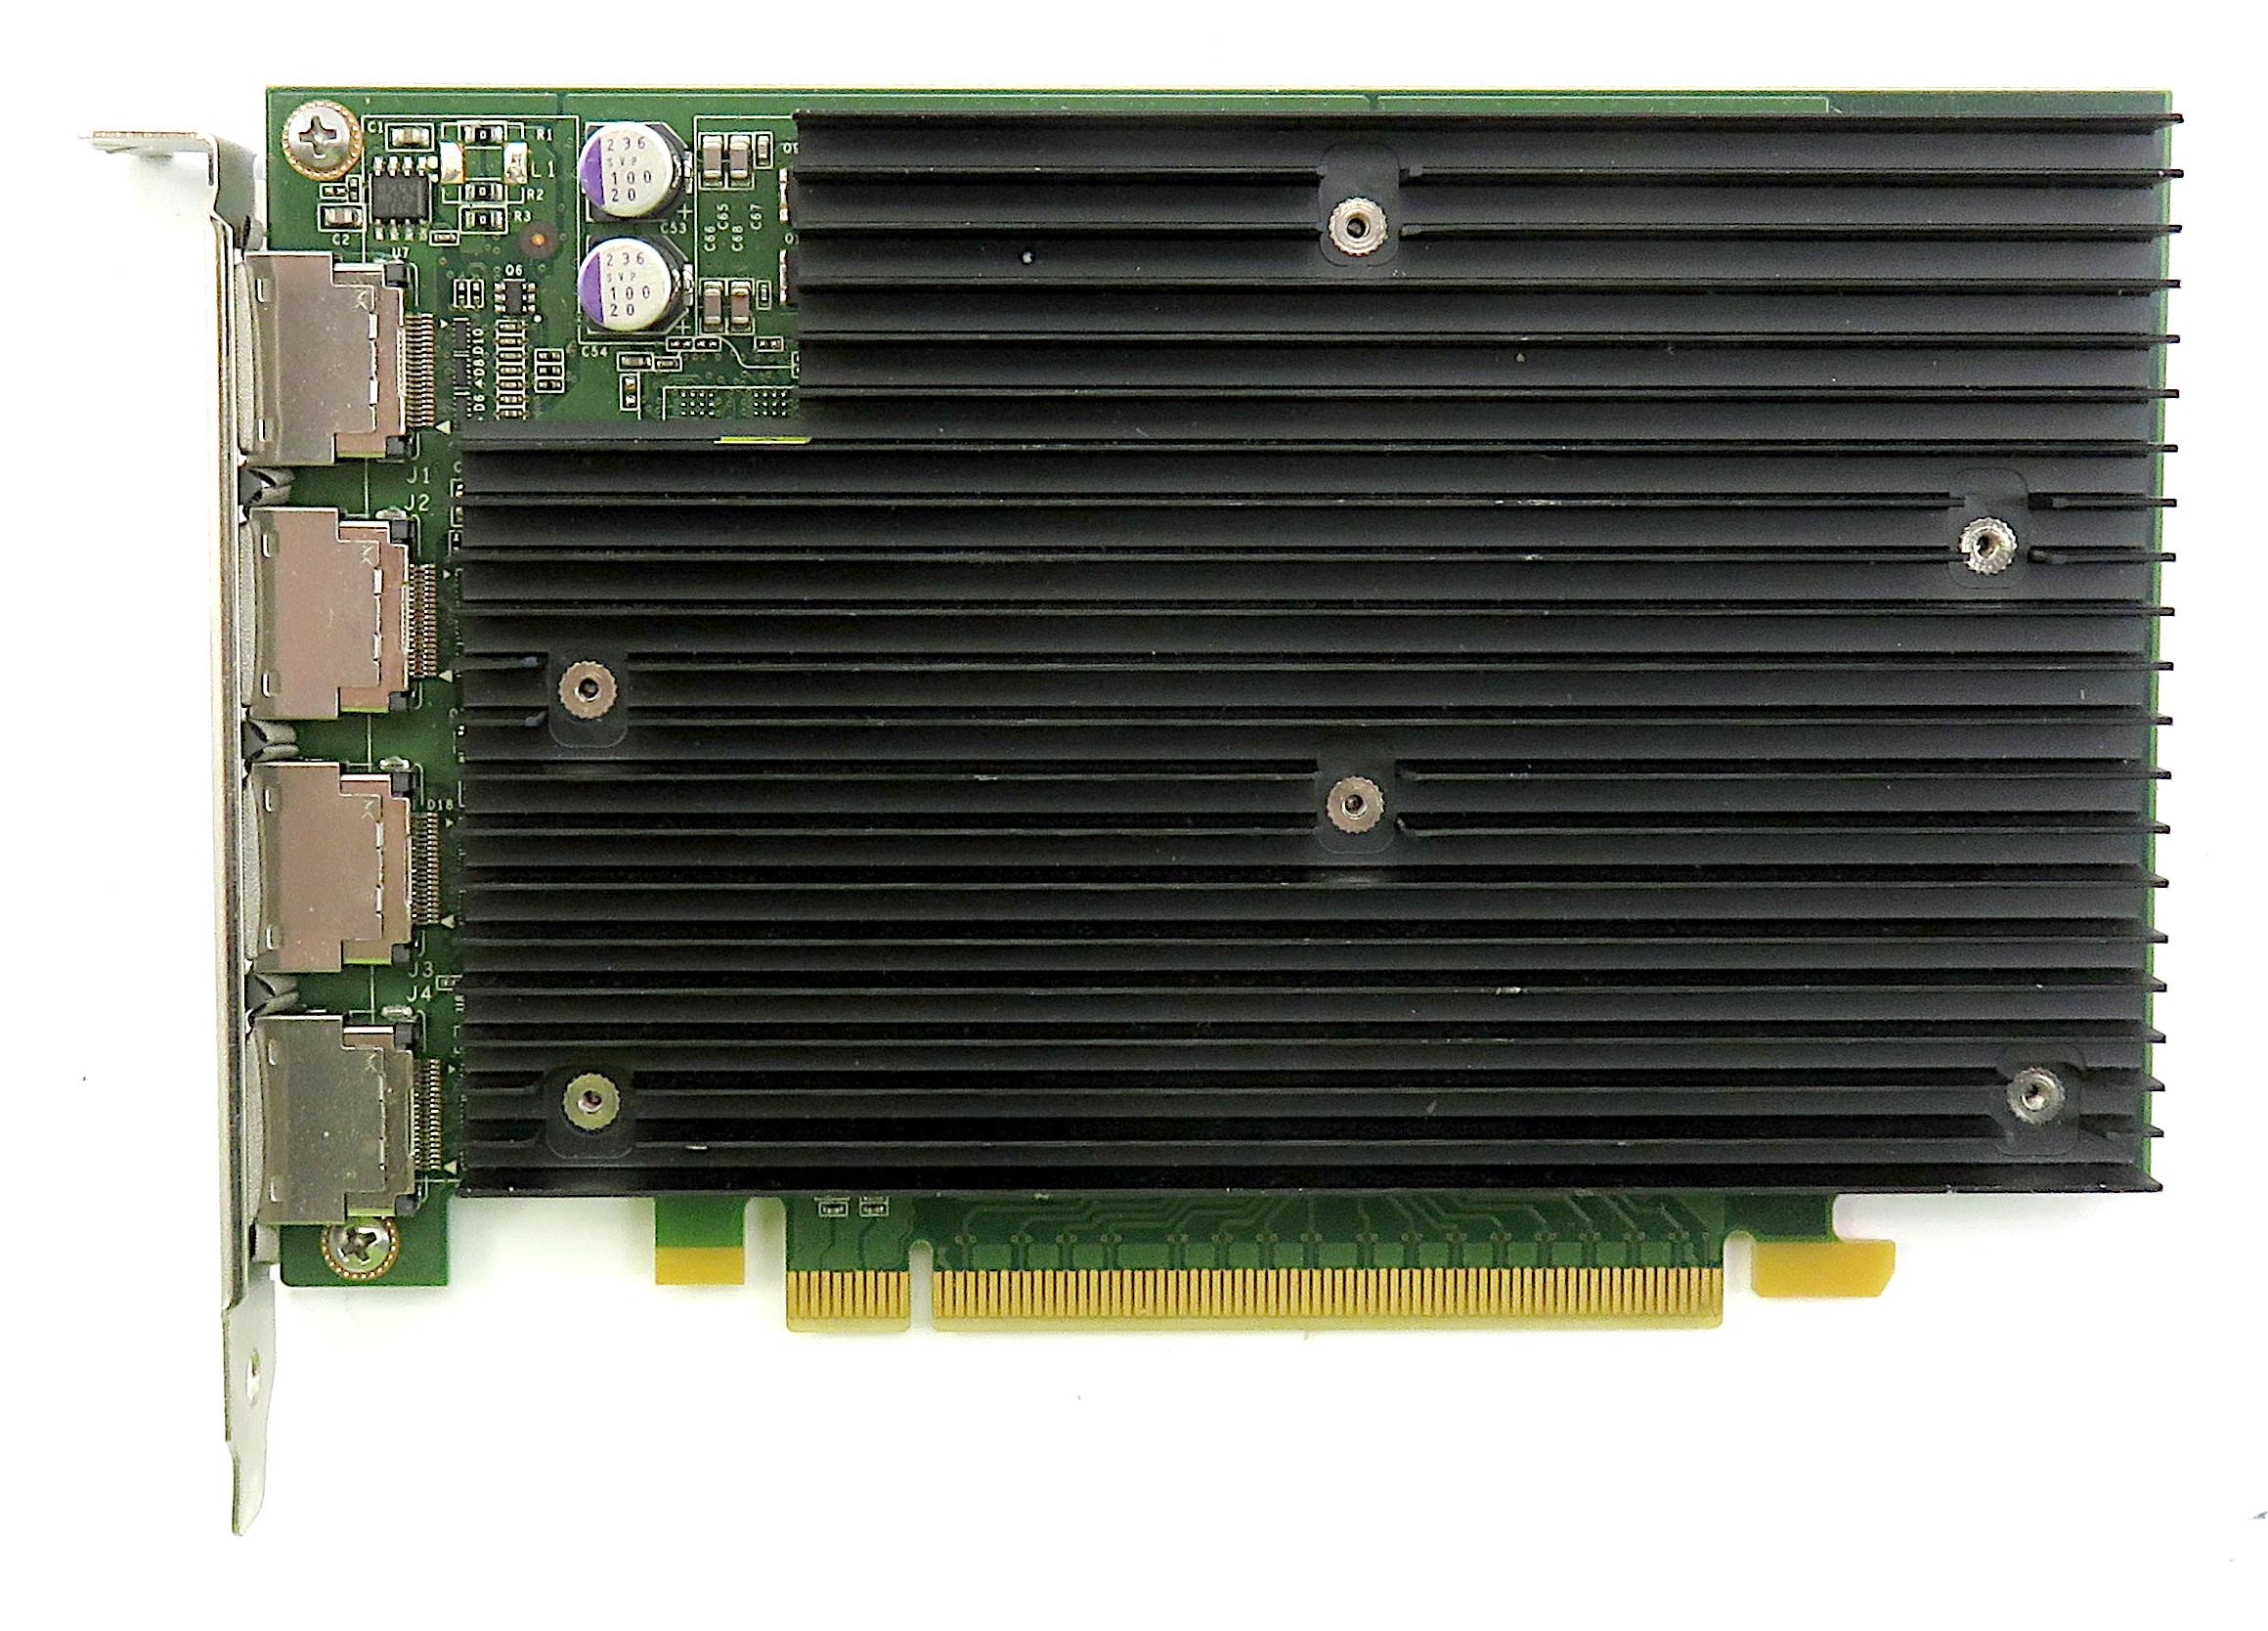 HP 689470-001 Nvidia Quadro NVS 450 512MB Quad-DP Workstation Graphics Card